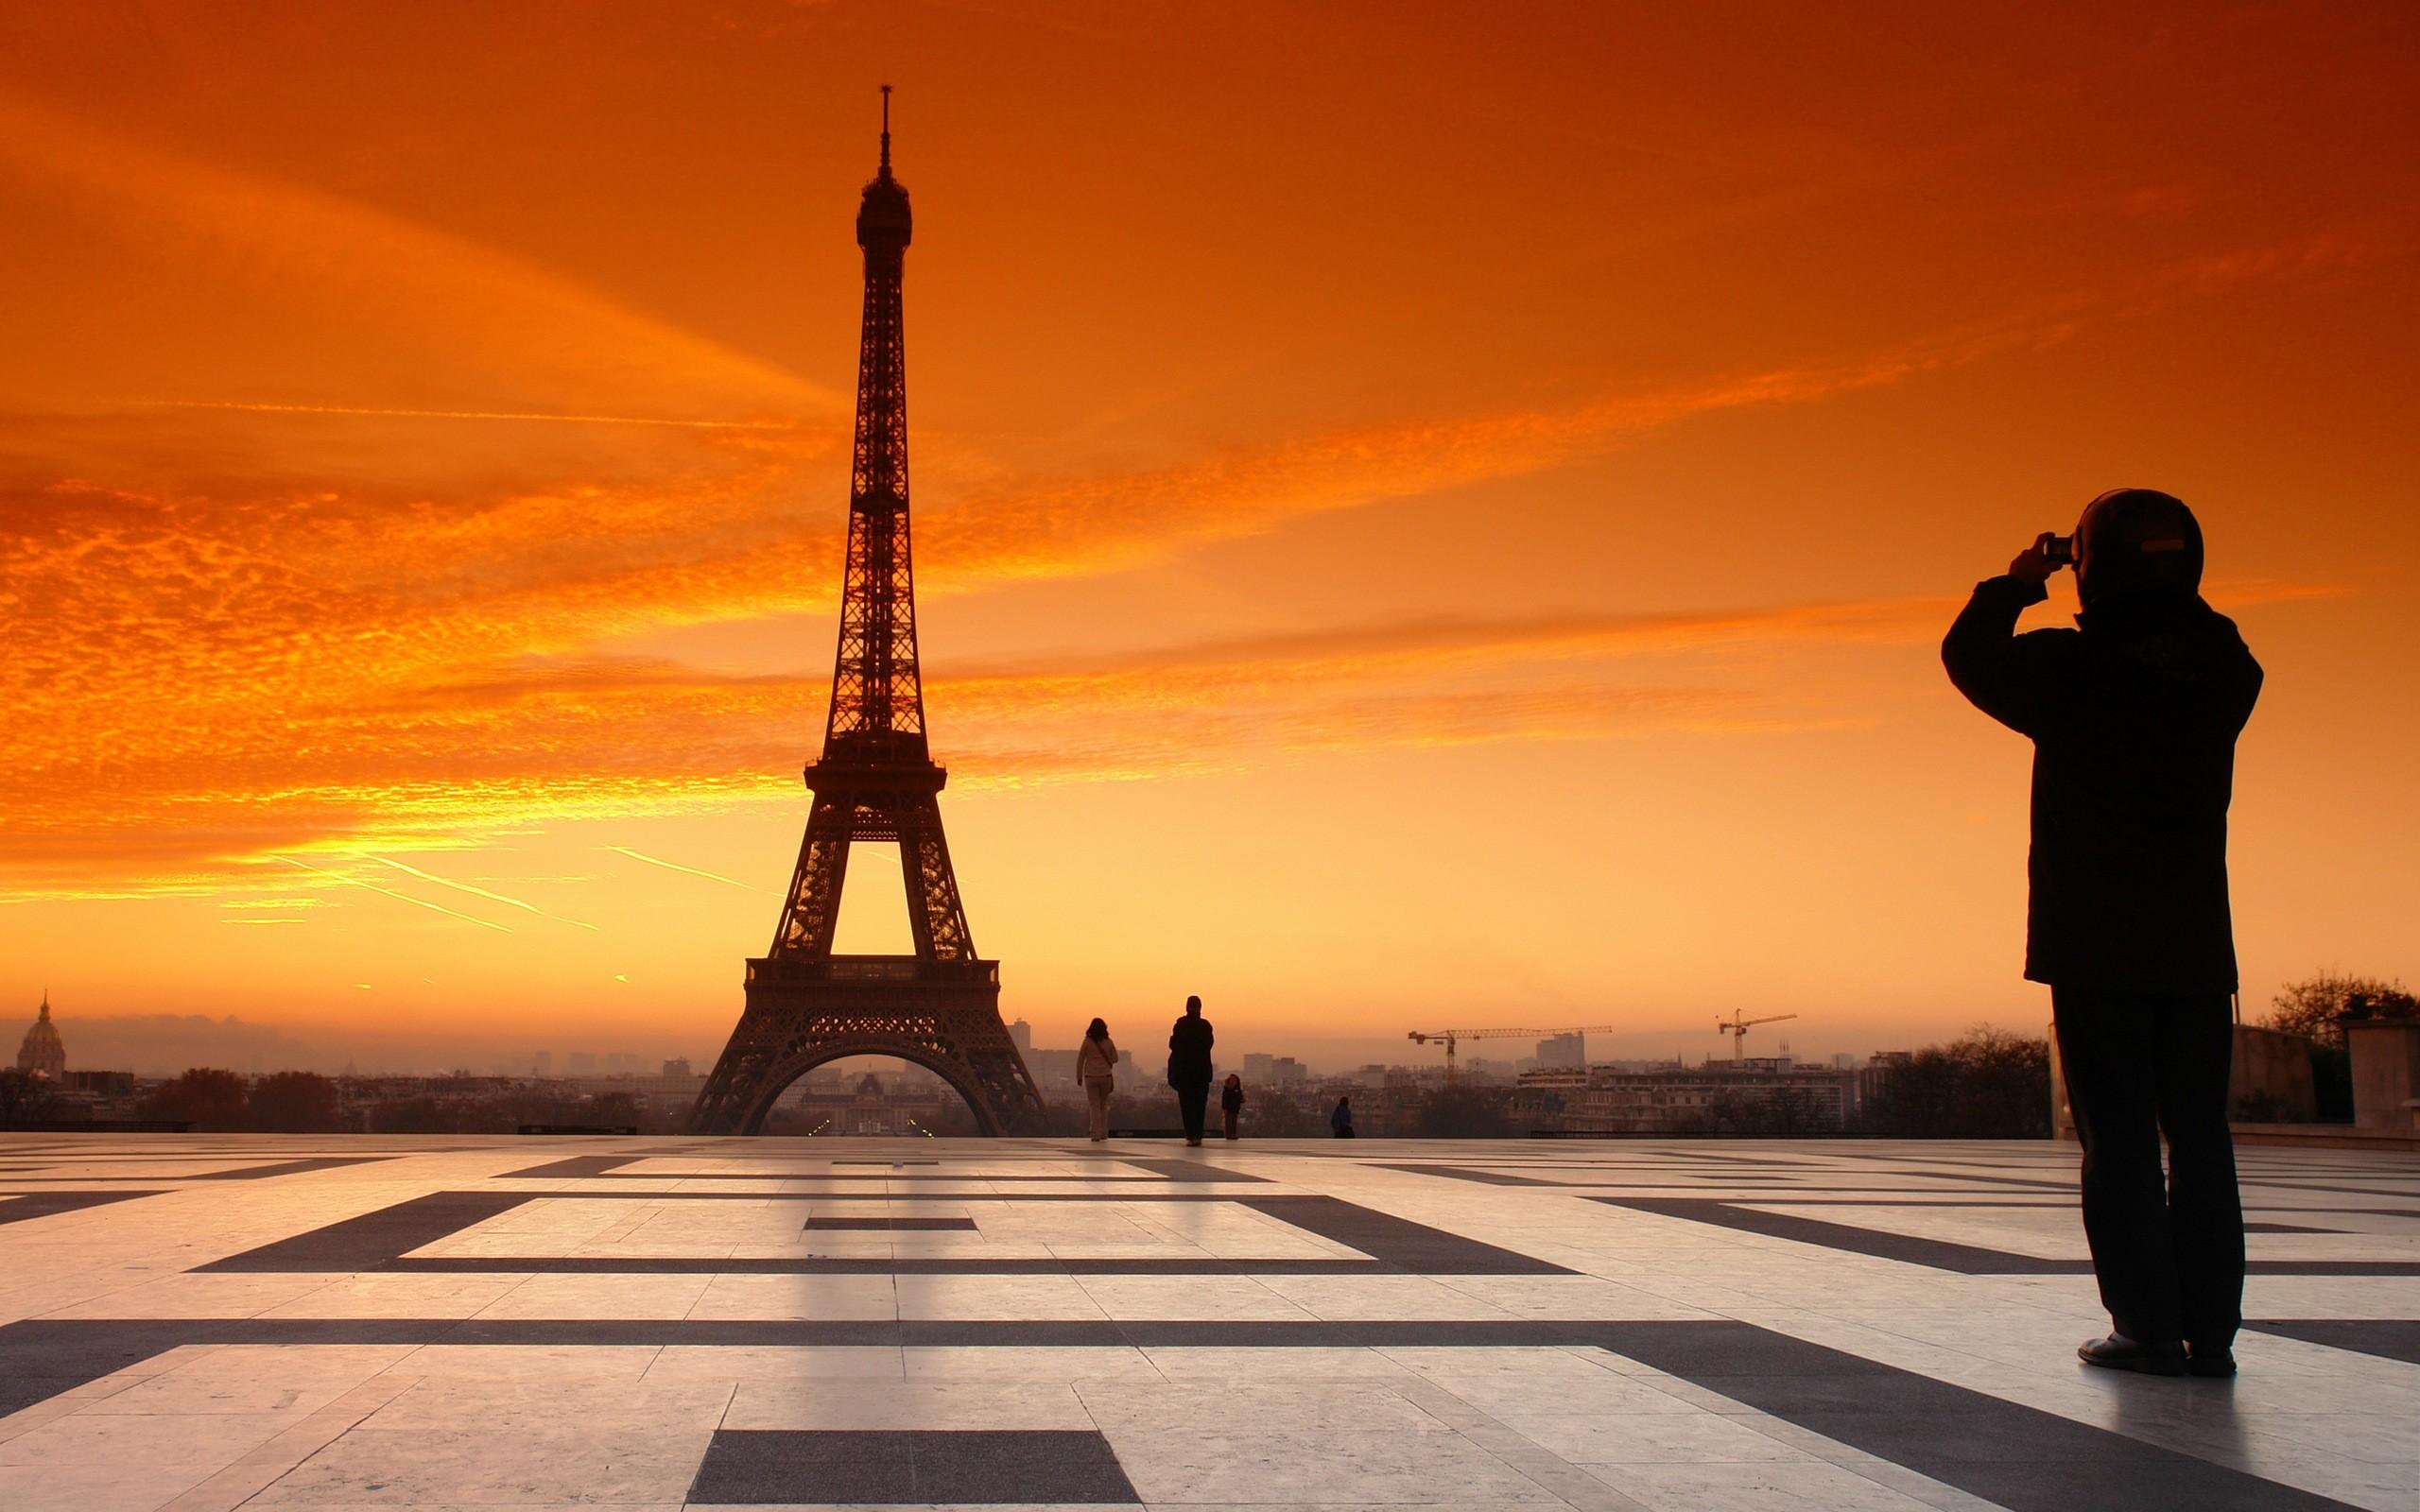 La Torre Eiffel en Paris - 2560x1600